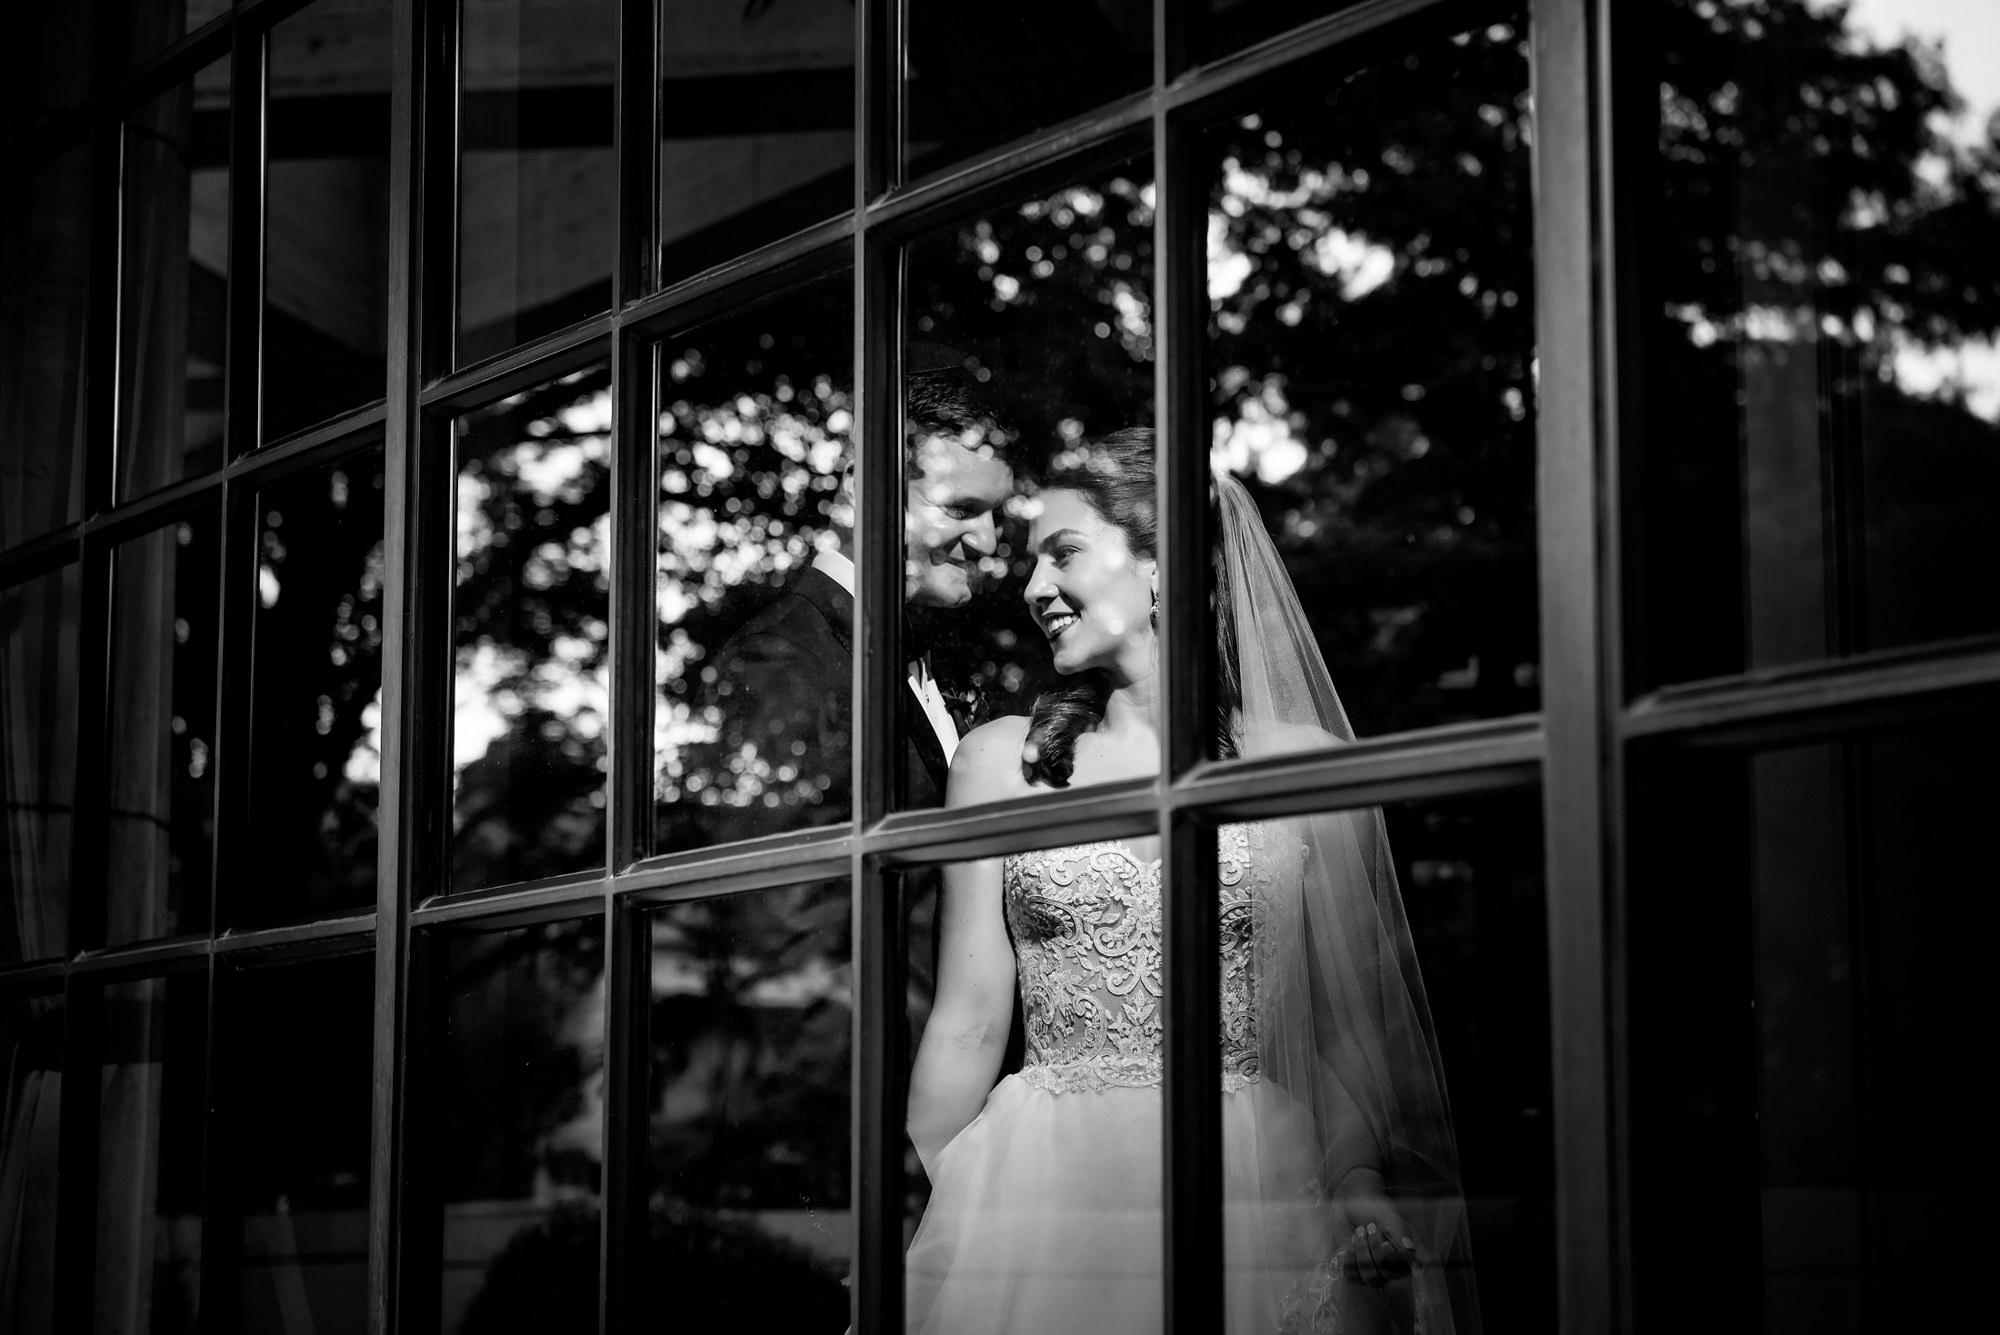 Couple seen through window - Morgan Lynn Photography